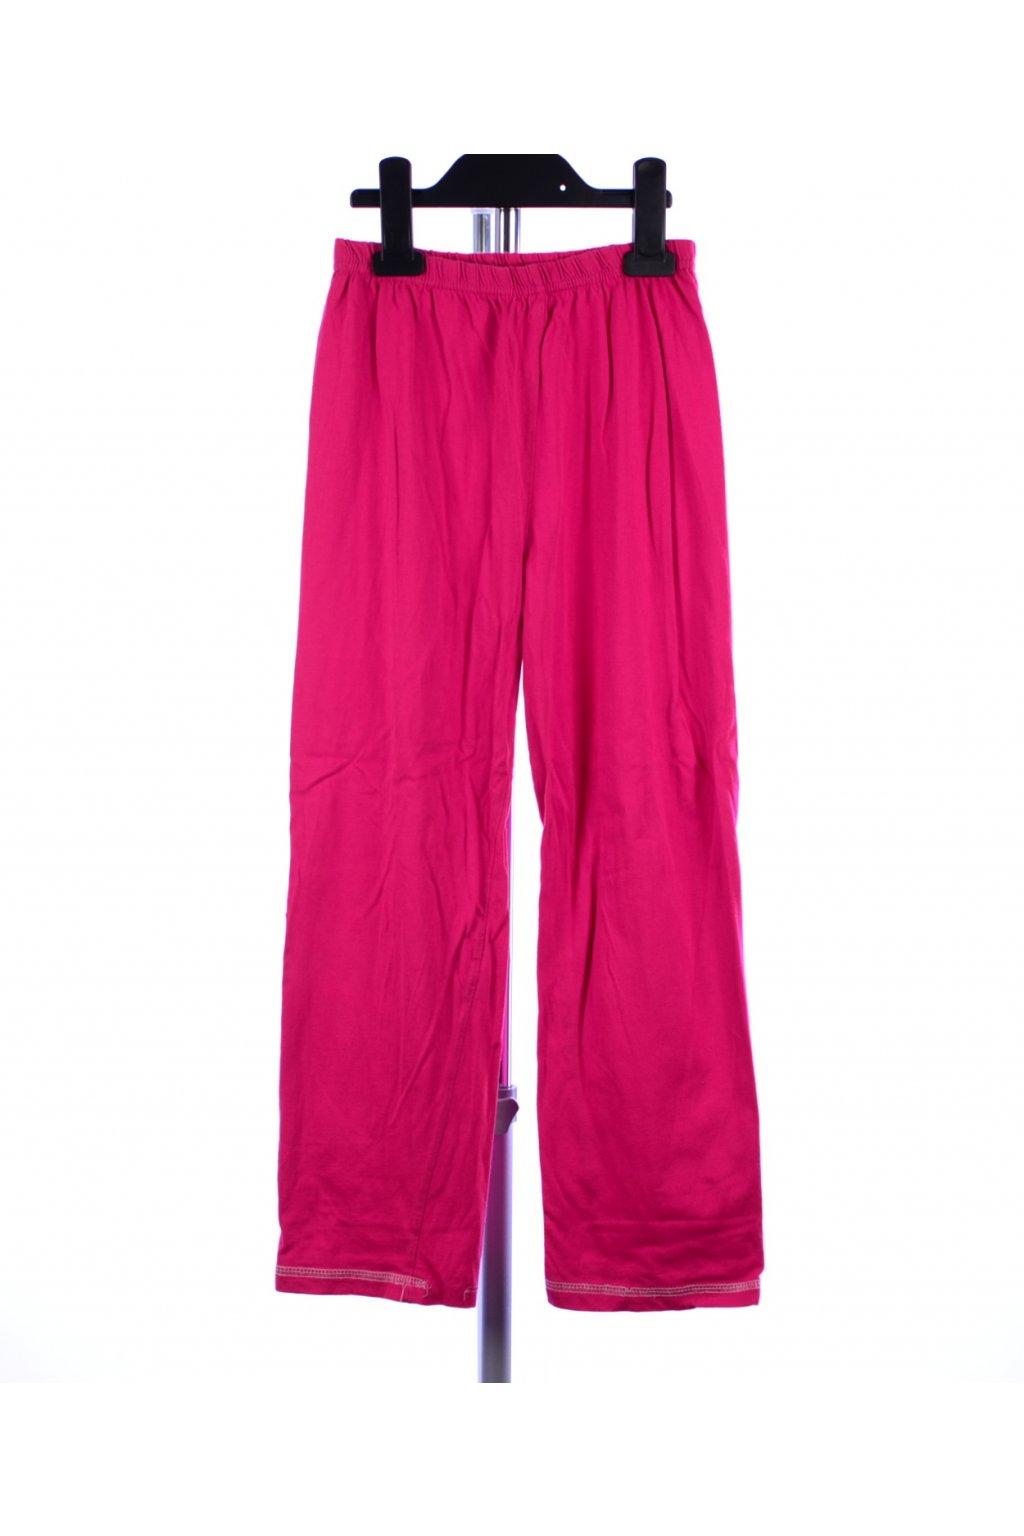 Pyžamo pouze kalhoty vel 122/6-7 růžové